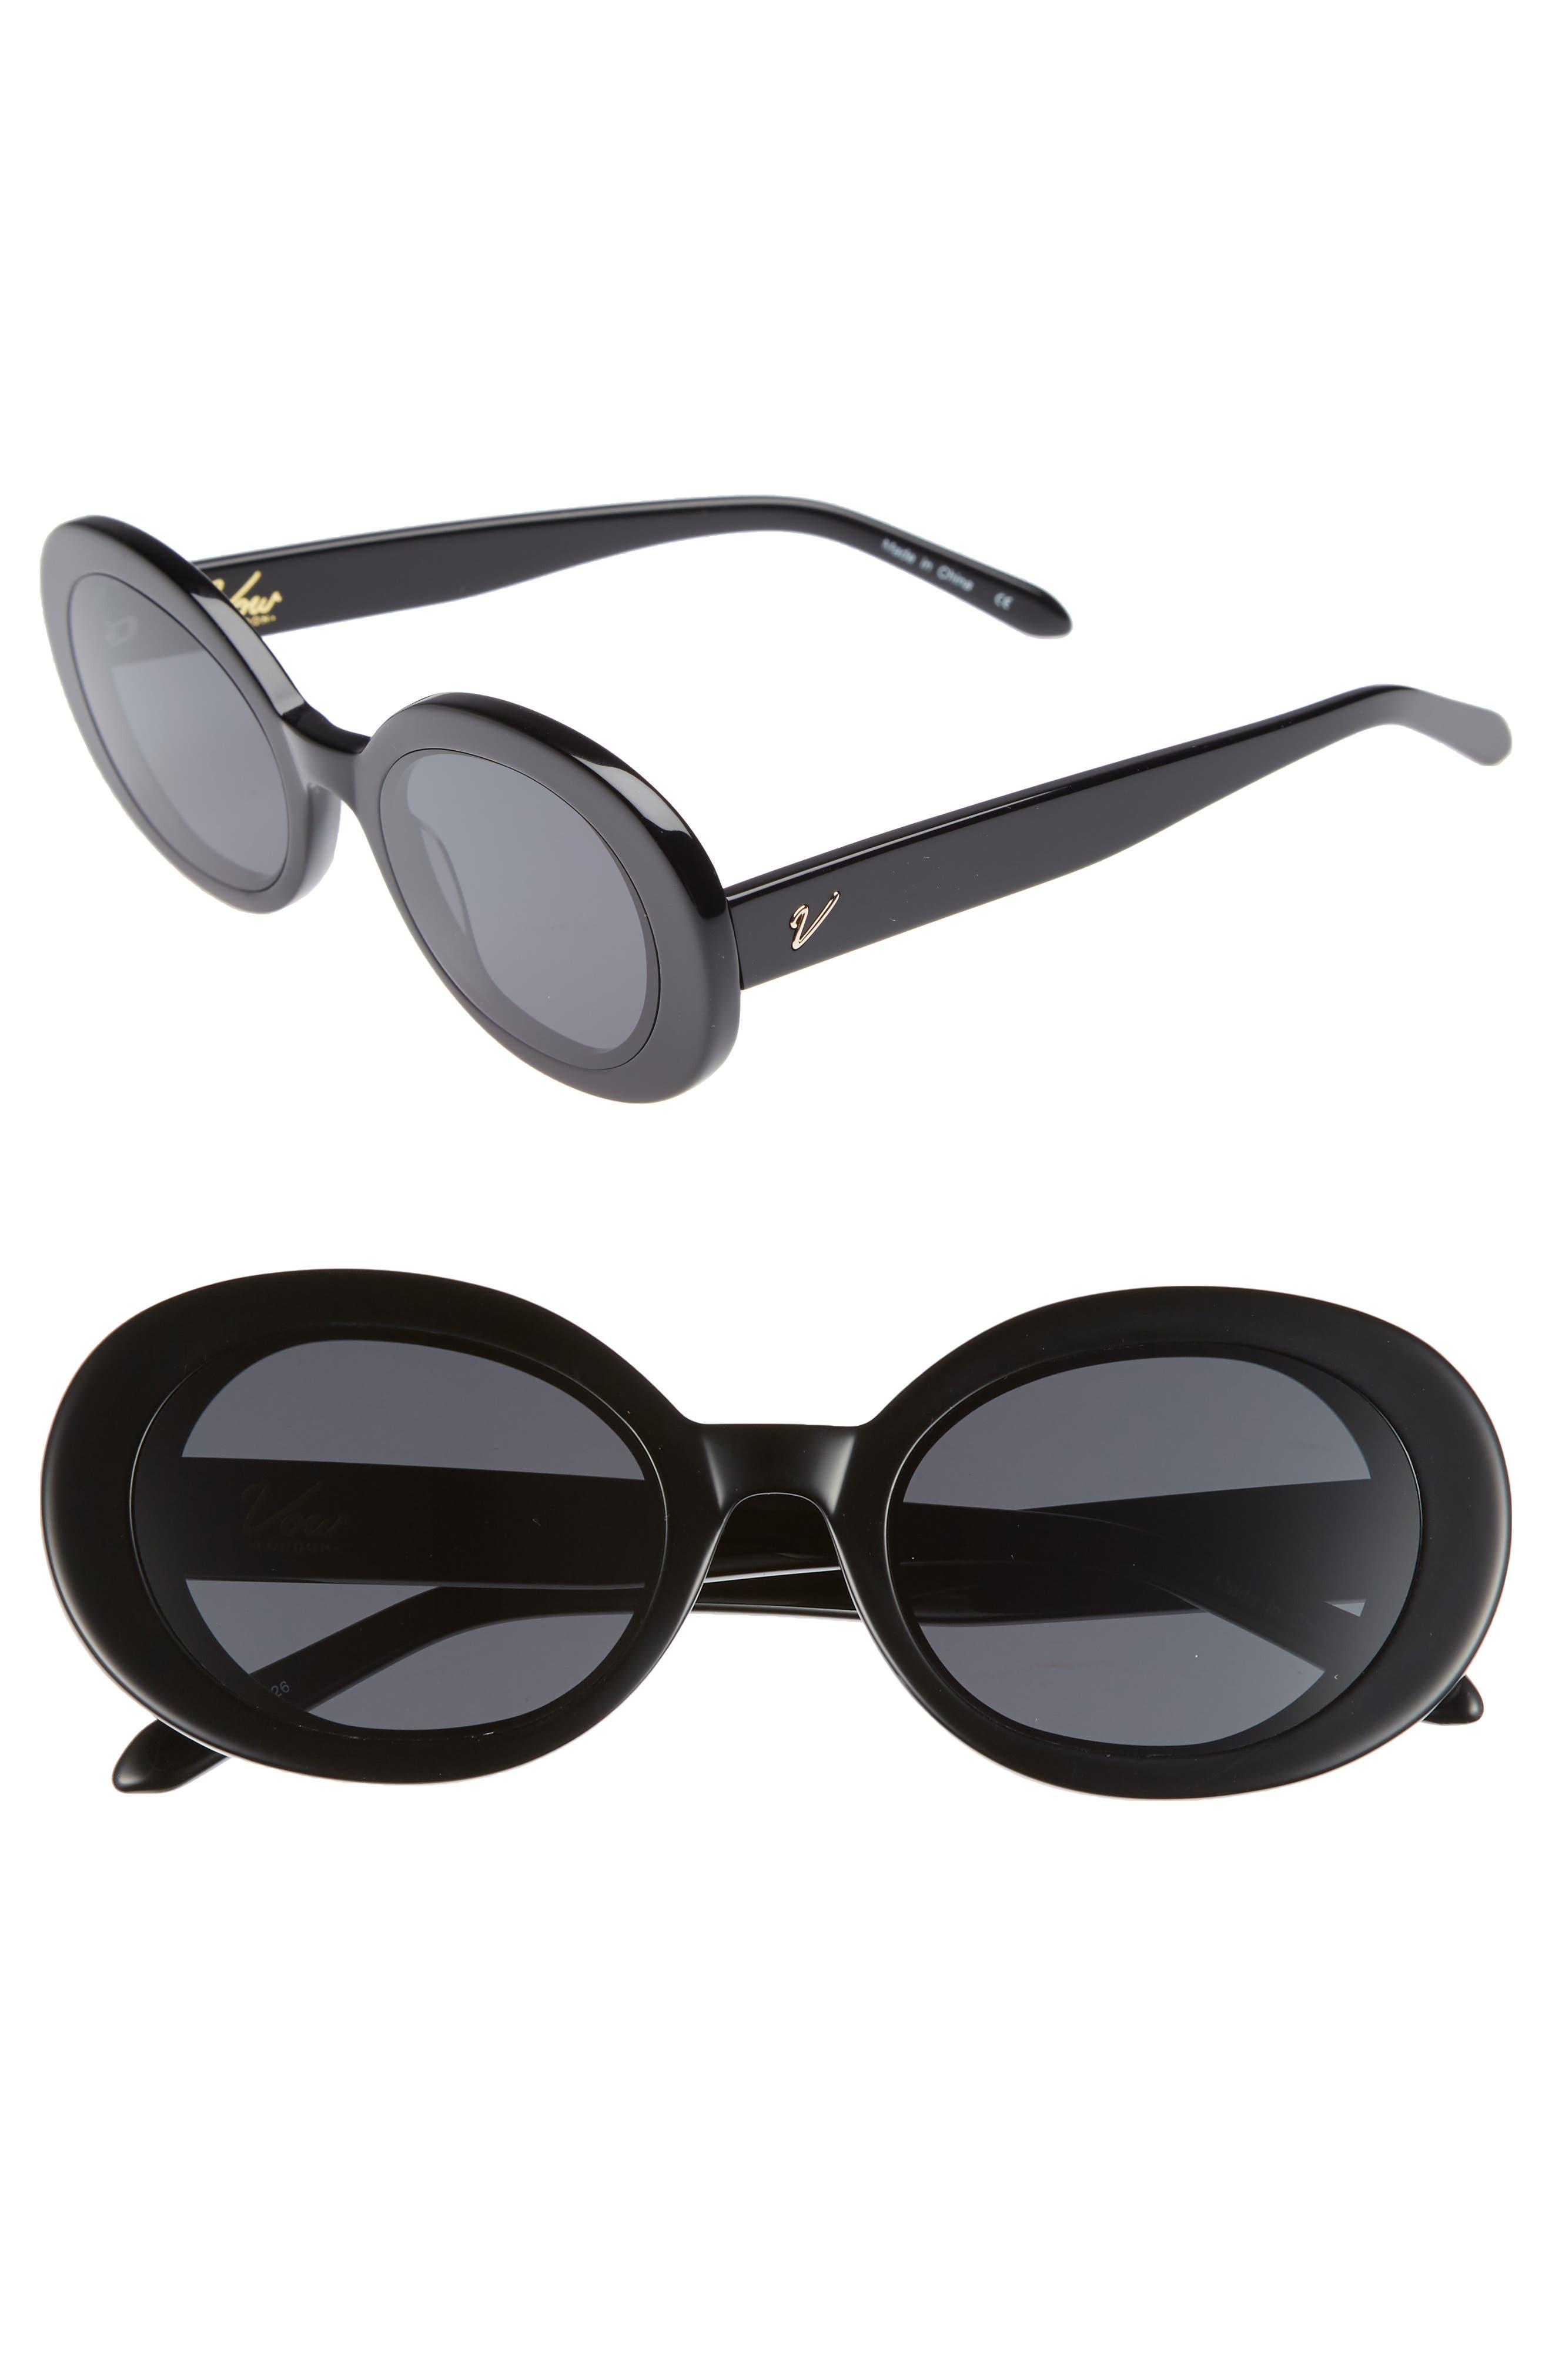 Selena 52mm Oval Sunglasses,                             Main thumbnail 1, color,                             BLACK/ SMOKE